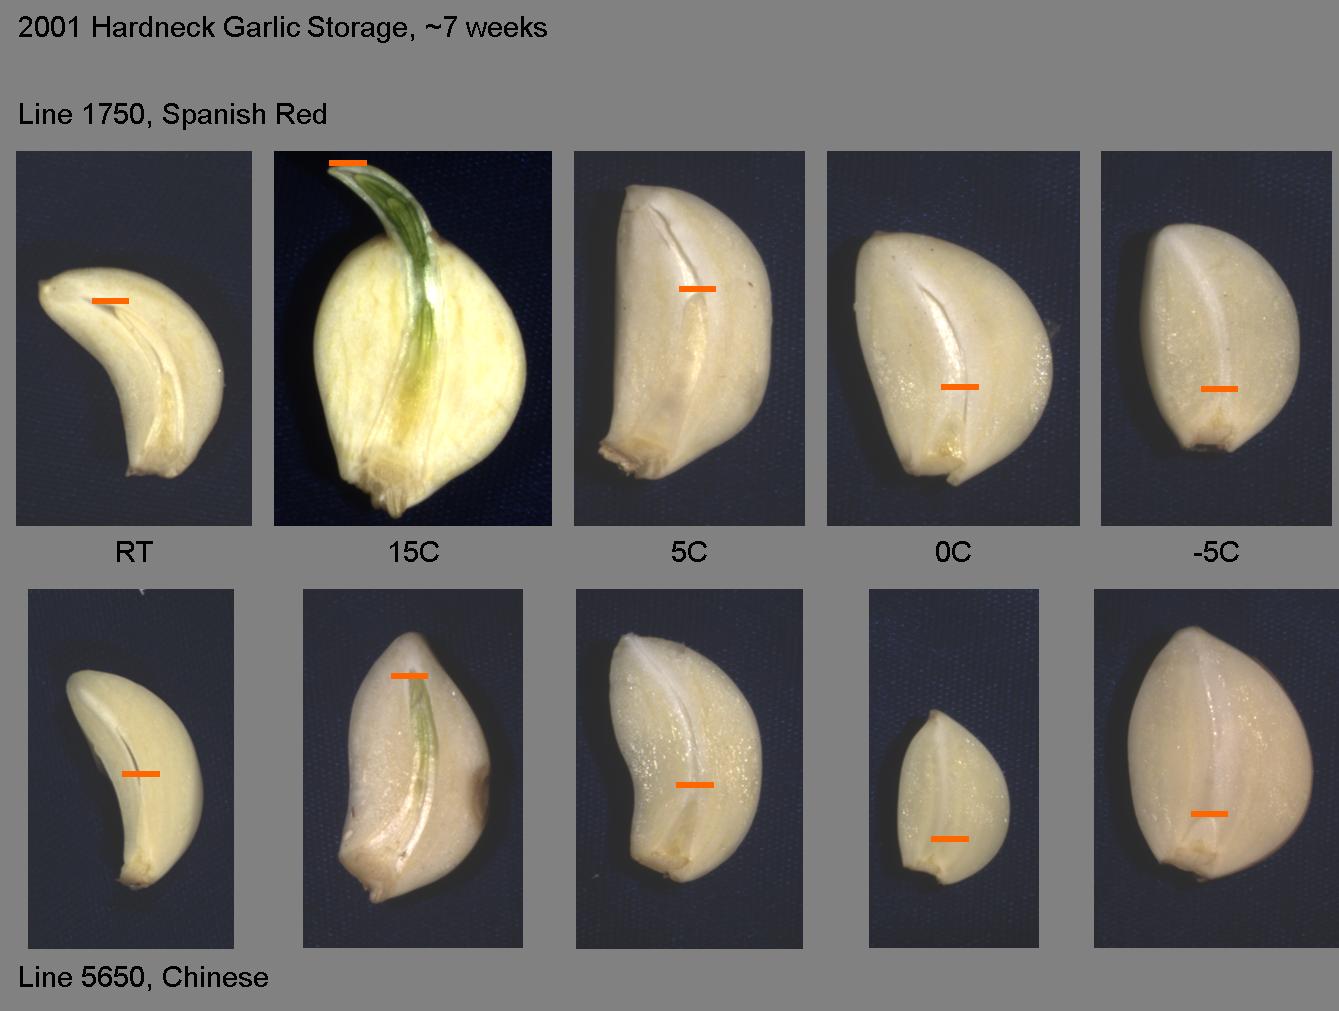 2001 Hardneck Garlic Storage 7 Weeks